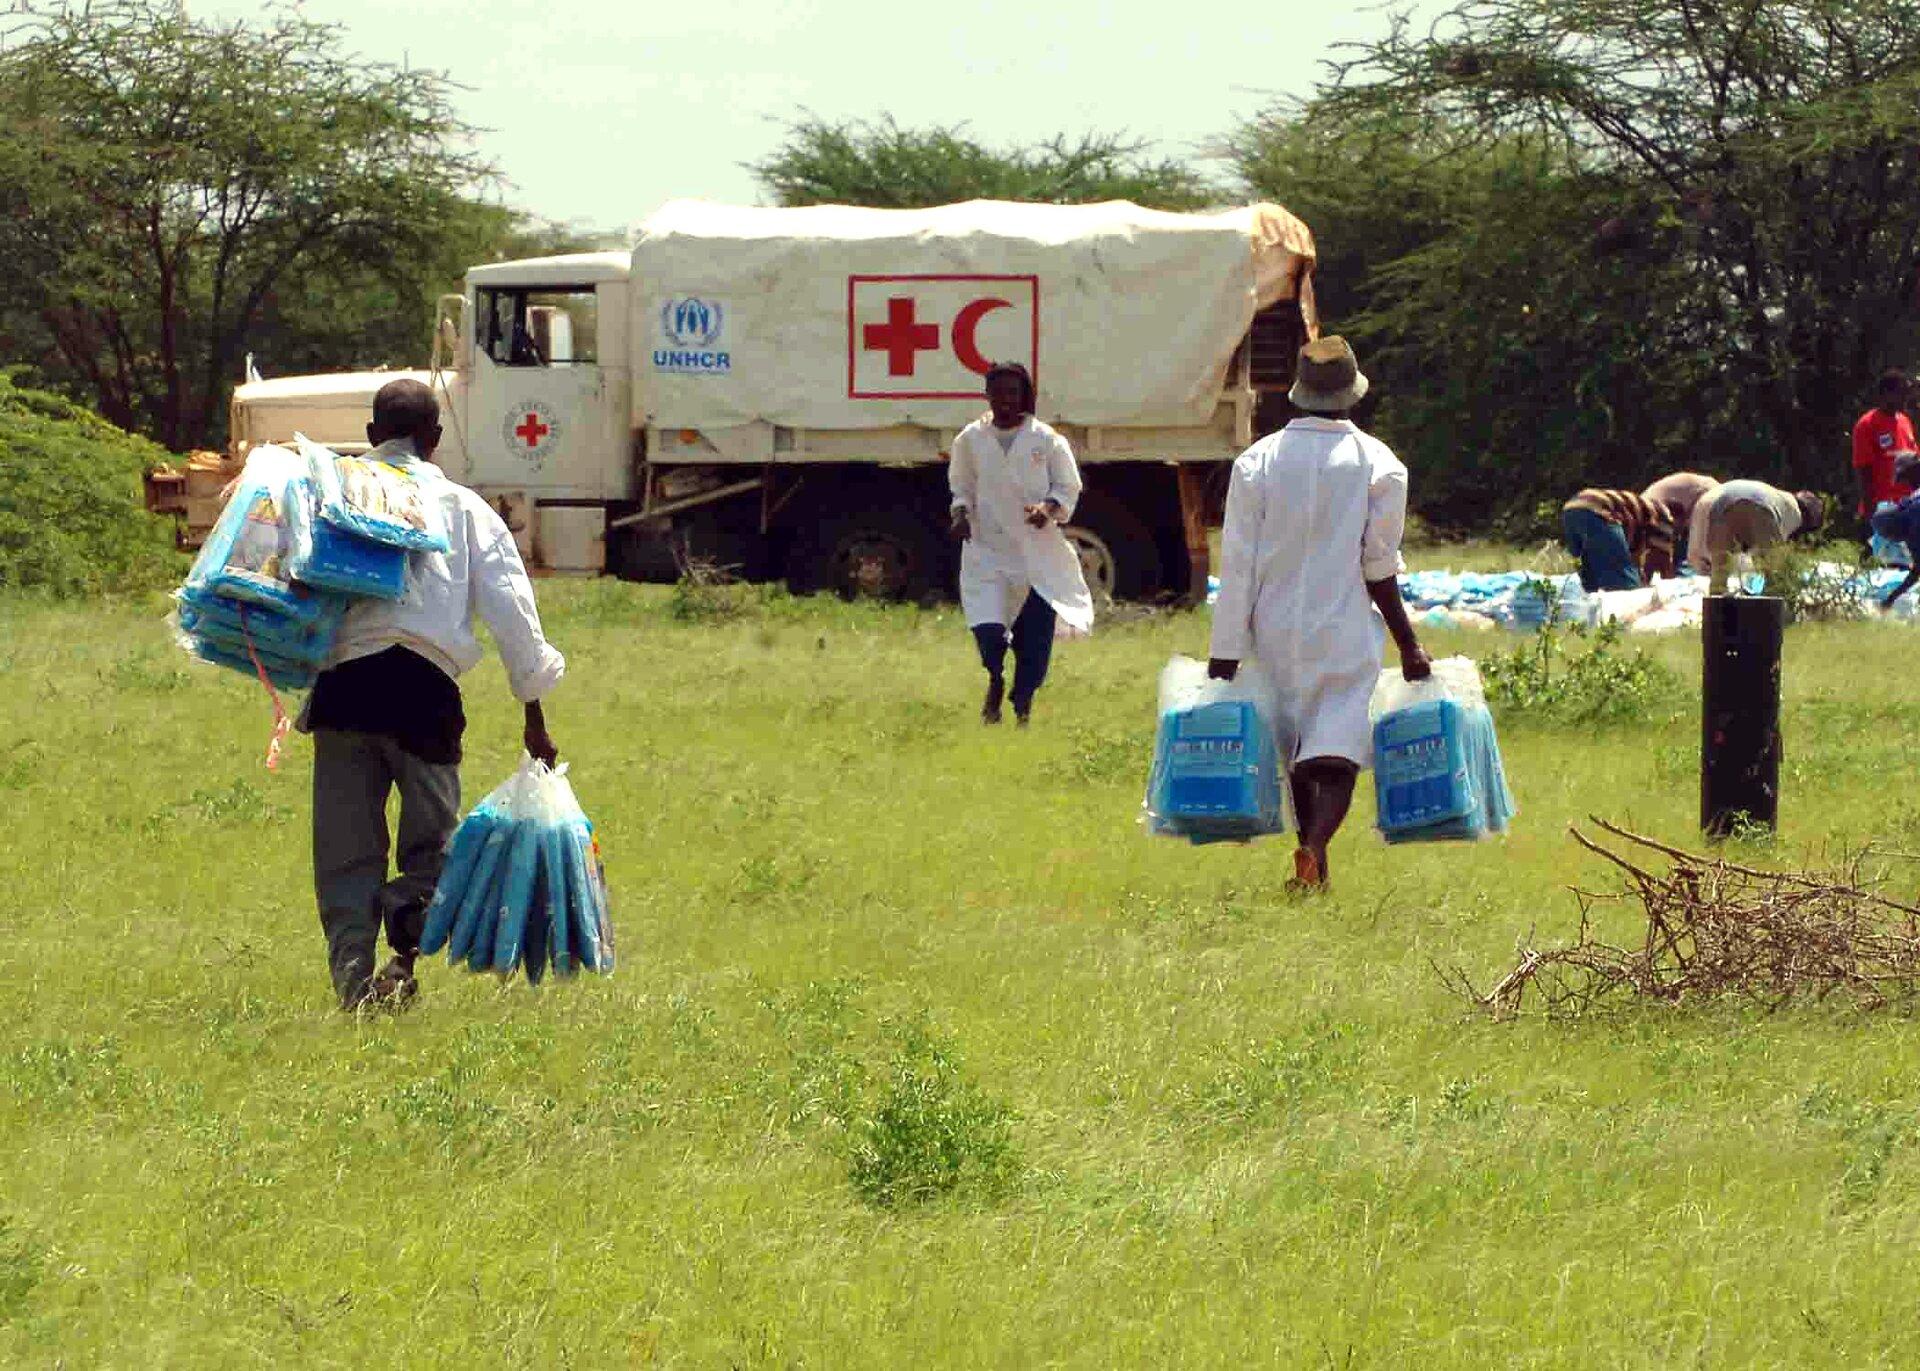 Pomoc dla uchodźców wobozie wDadaab, wKenii Źródło: Pomoc dla uchodźców wobozie wDadaab, wKenii, domena publiczna.